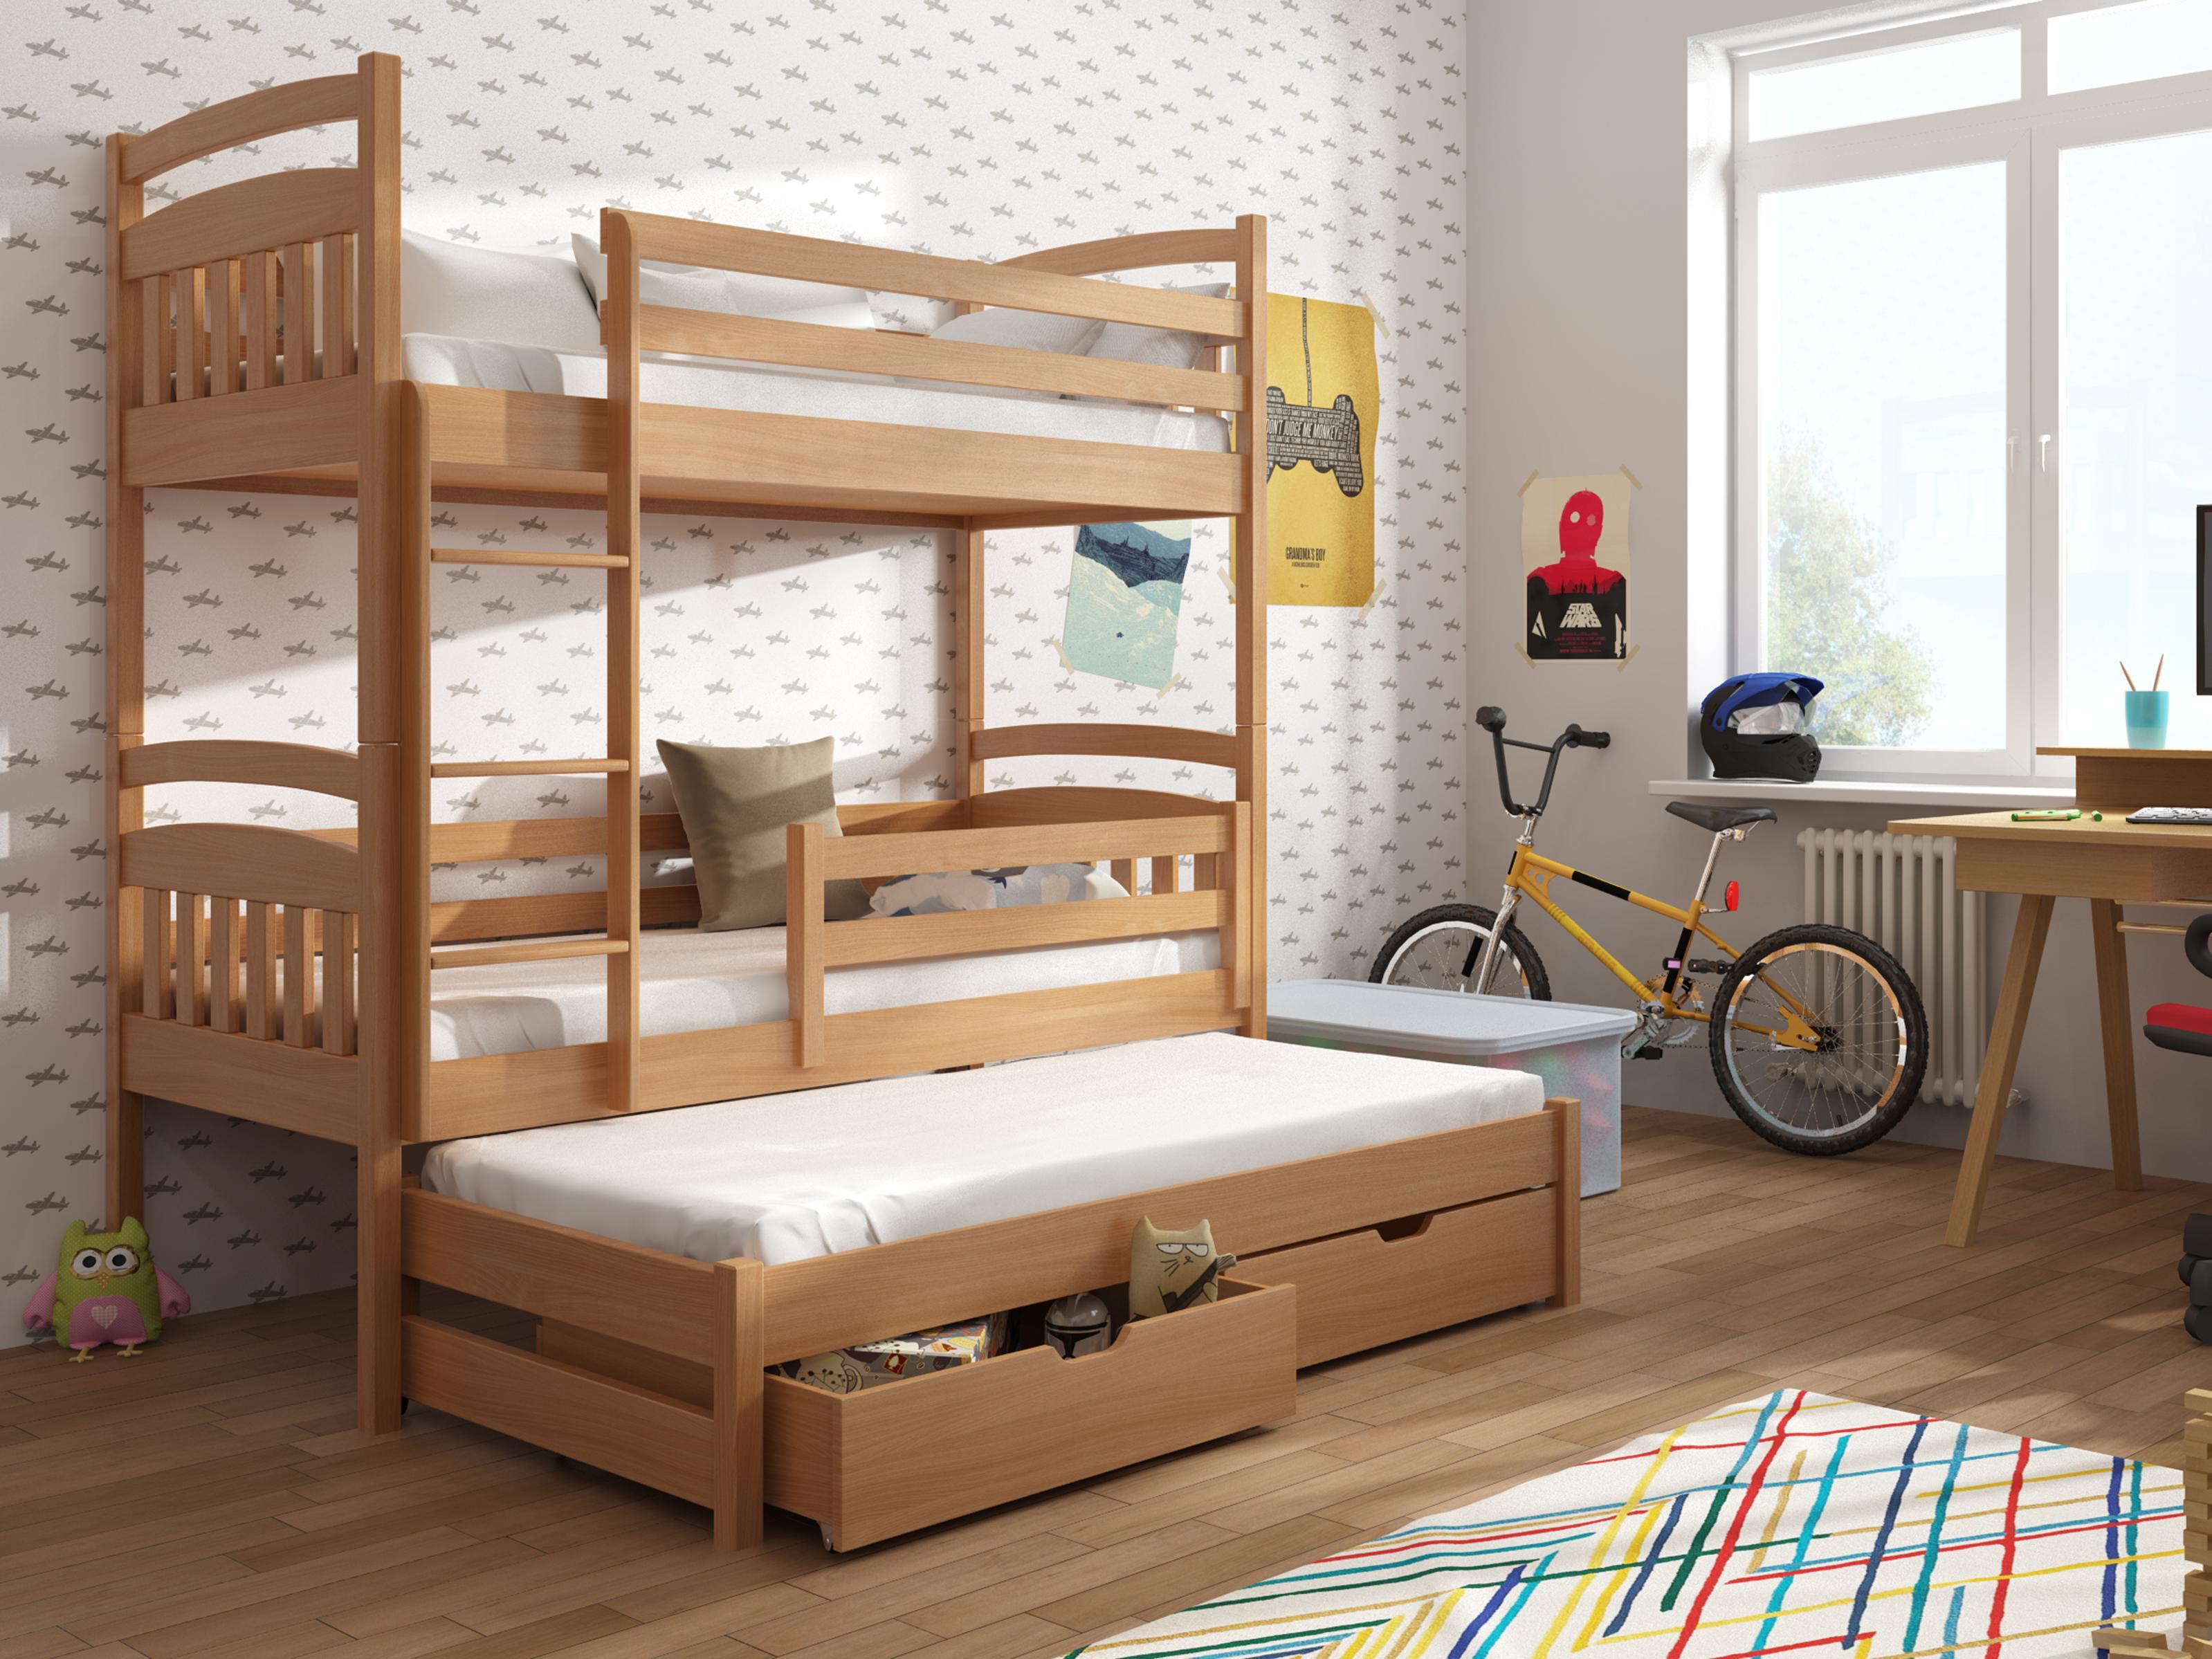 Dětská patrová postel 90 cm - Anie (buk)